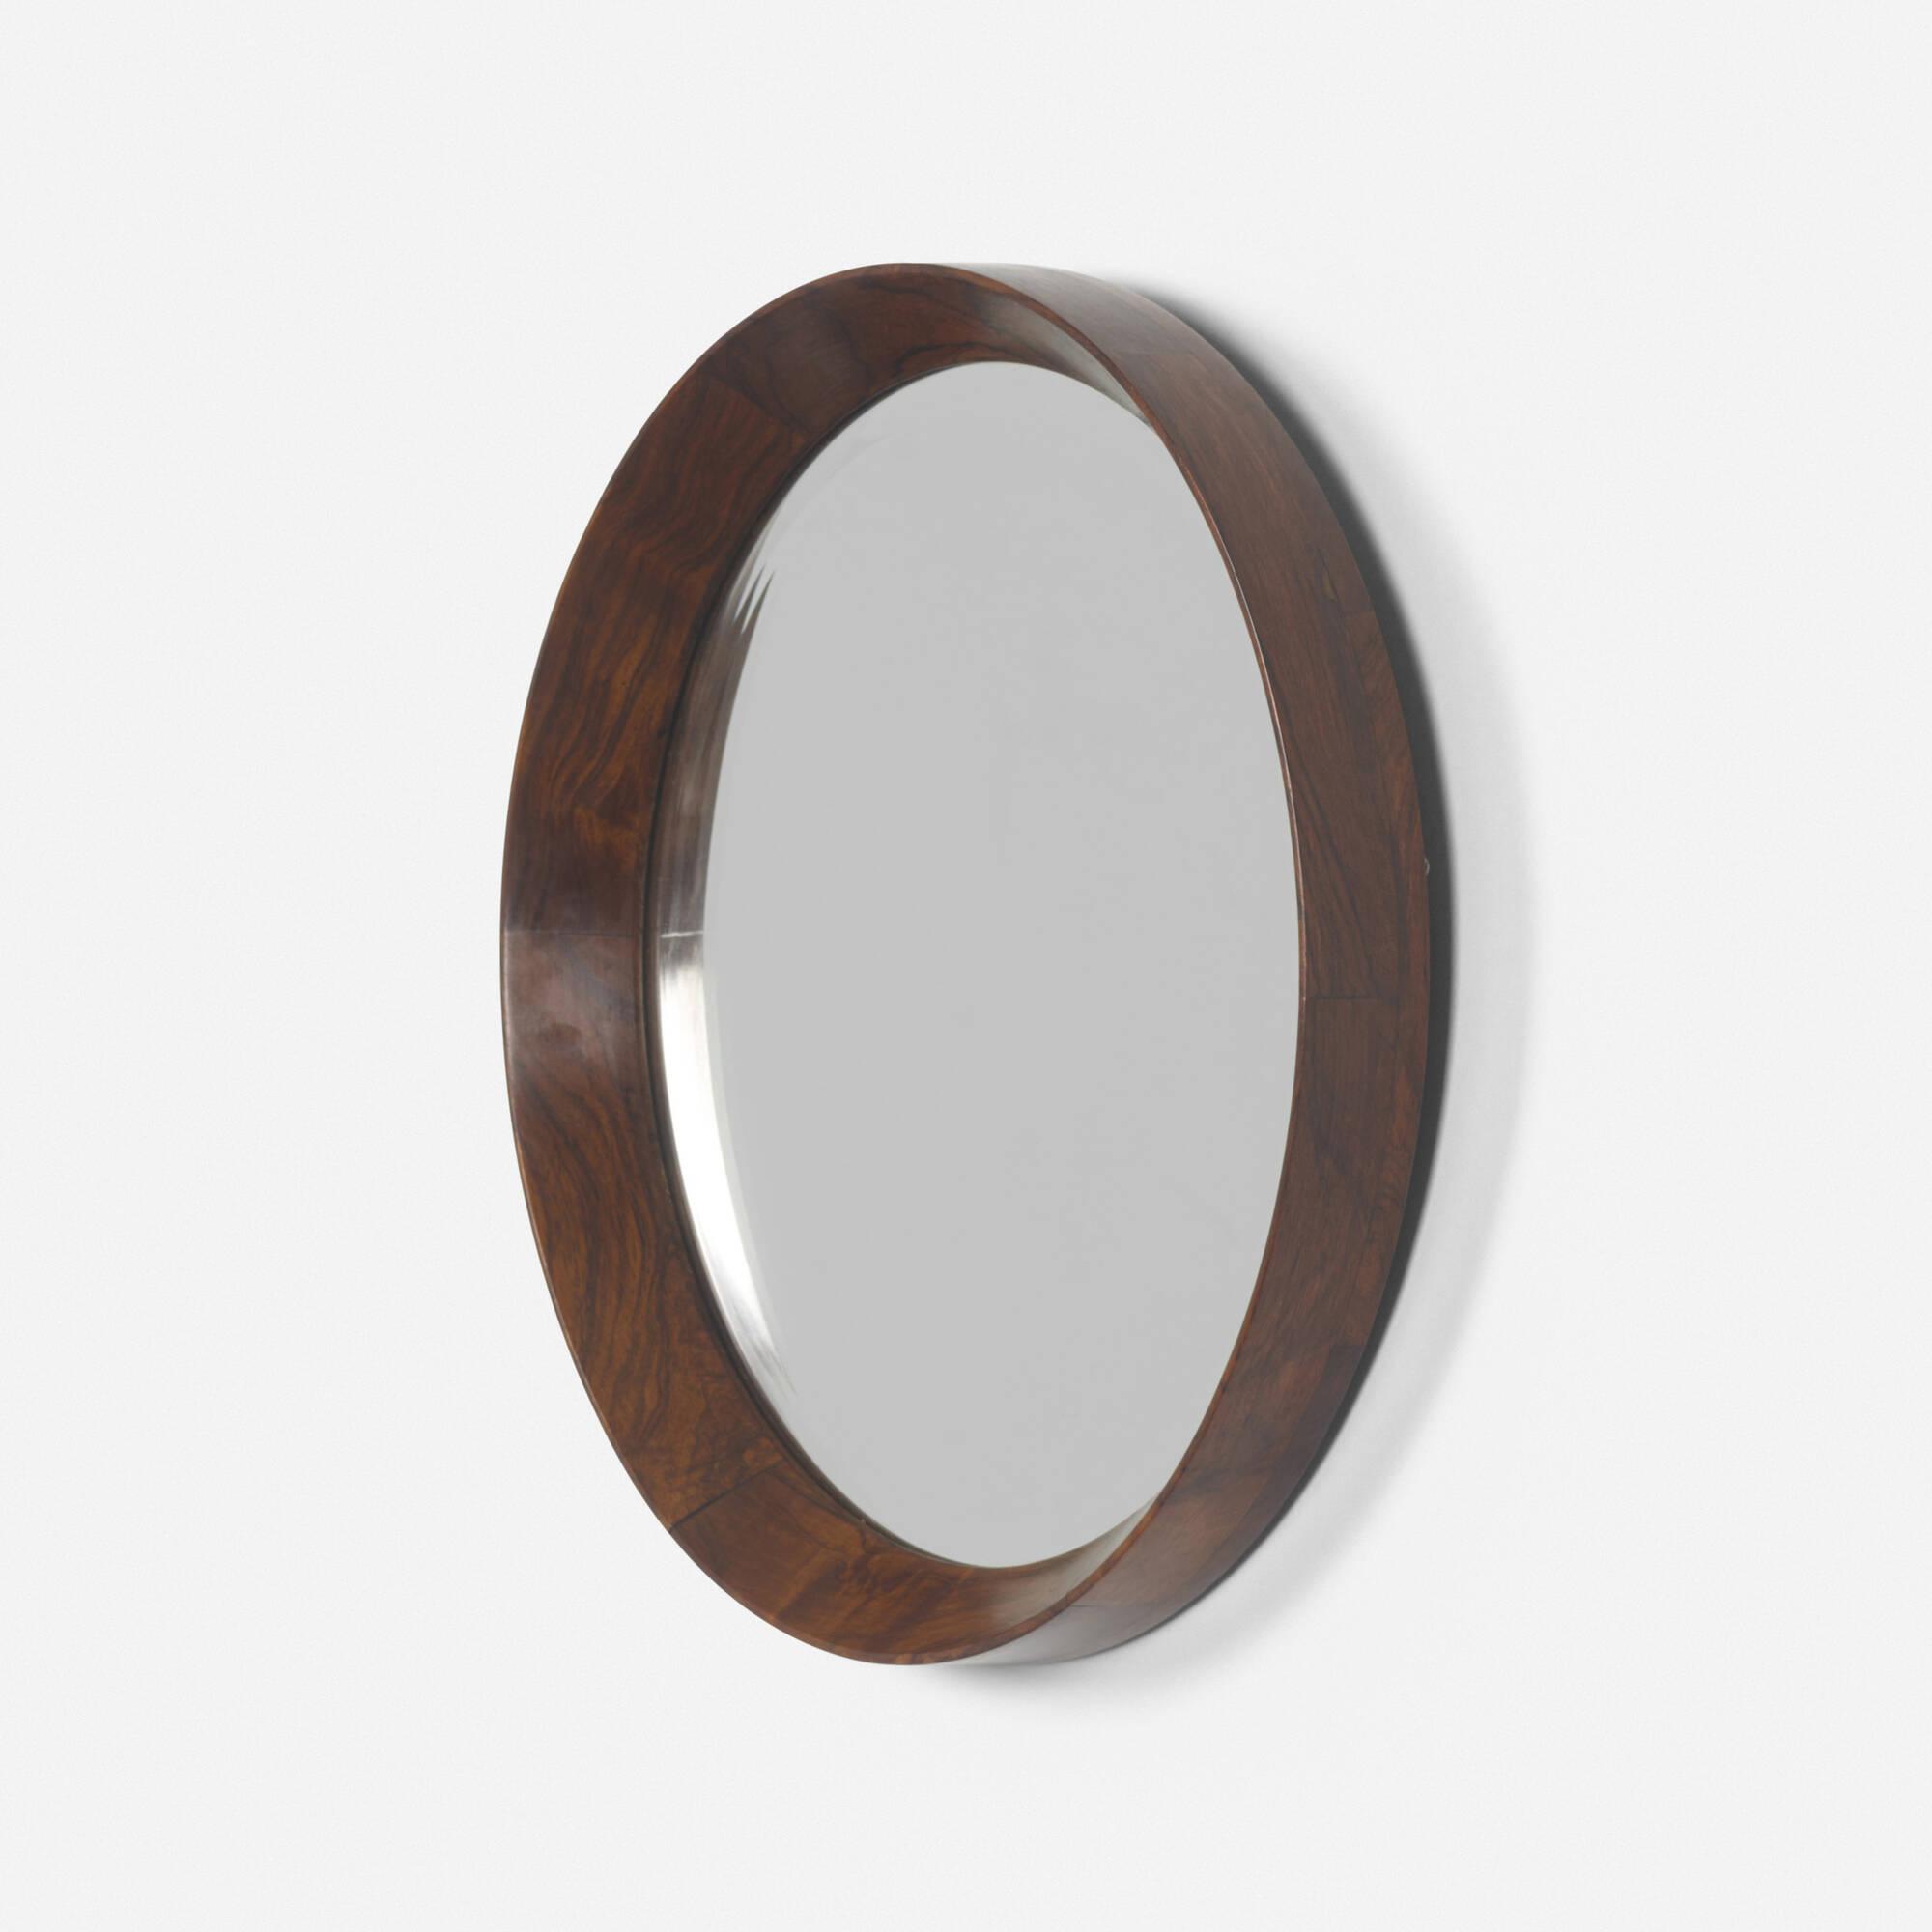 216: Sergio Rodrigues / Grasseli mirror (2 of 2)